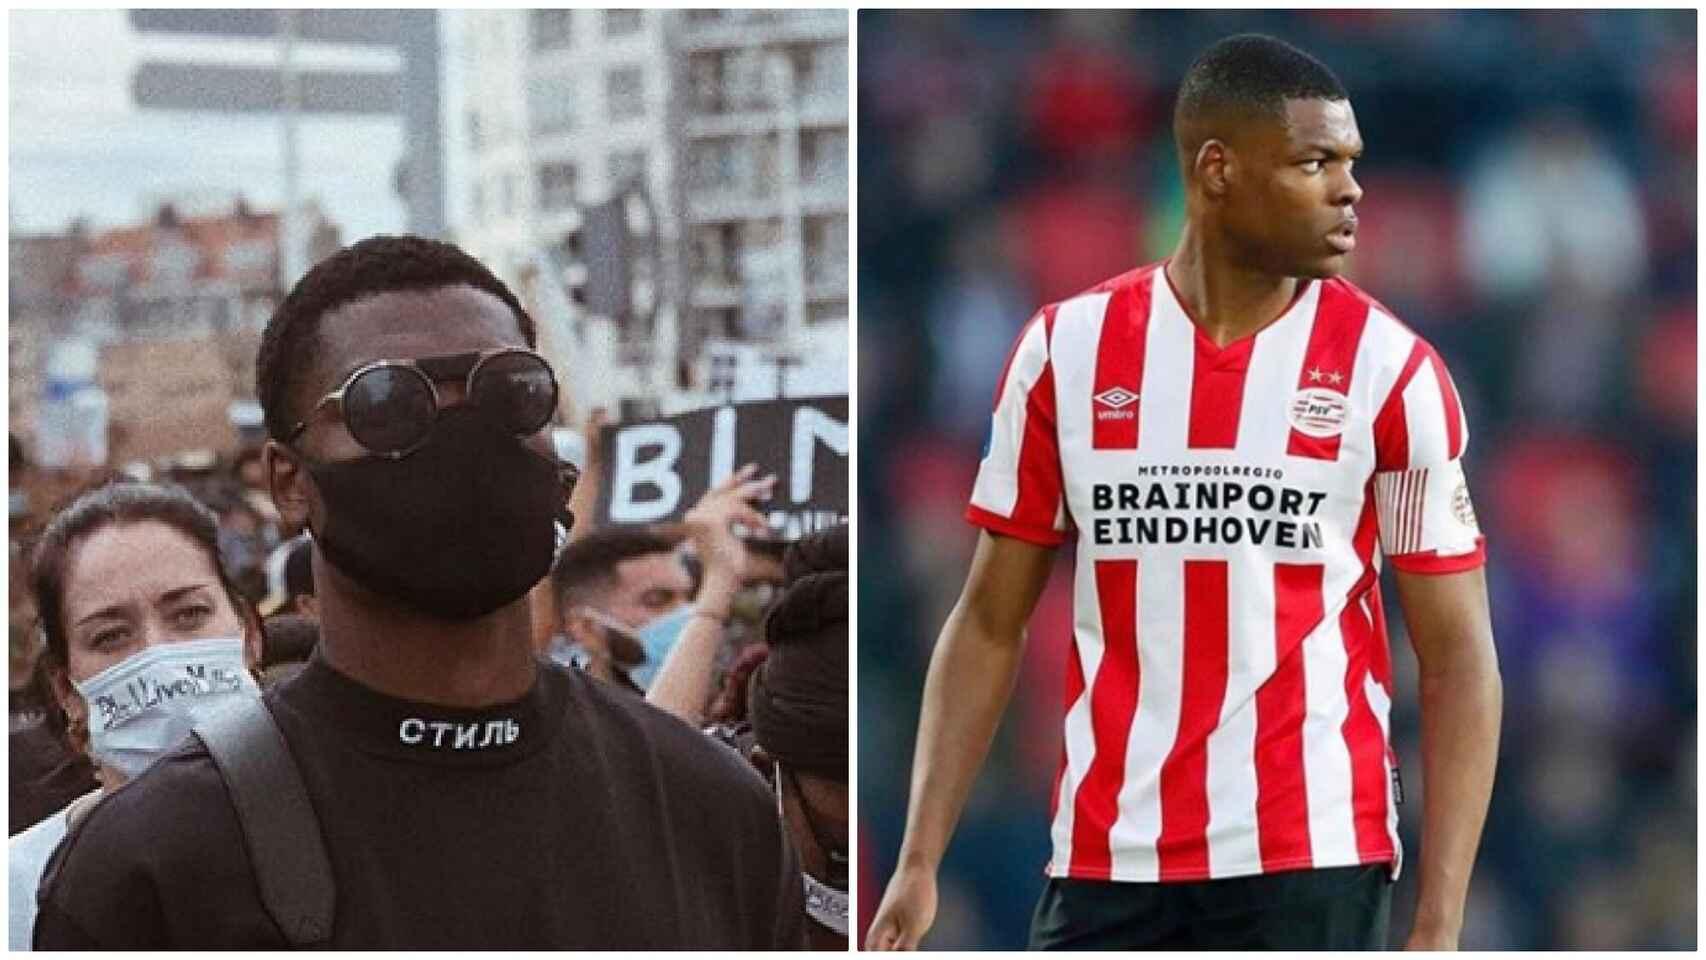 PSV separa a Denzel Dumfries de los entrenamientos grupales por ir a una protesta